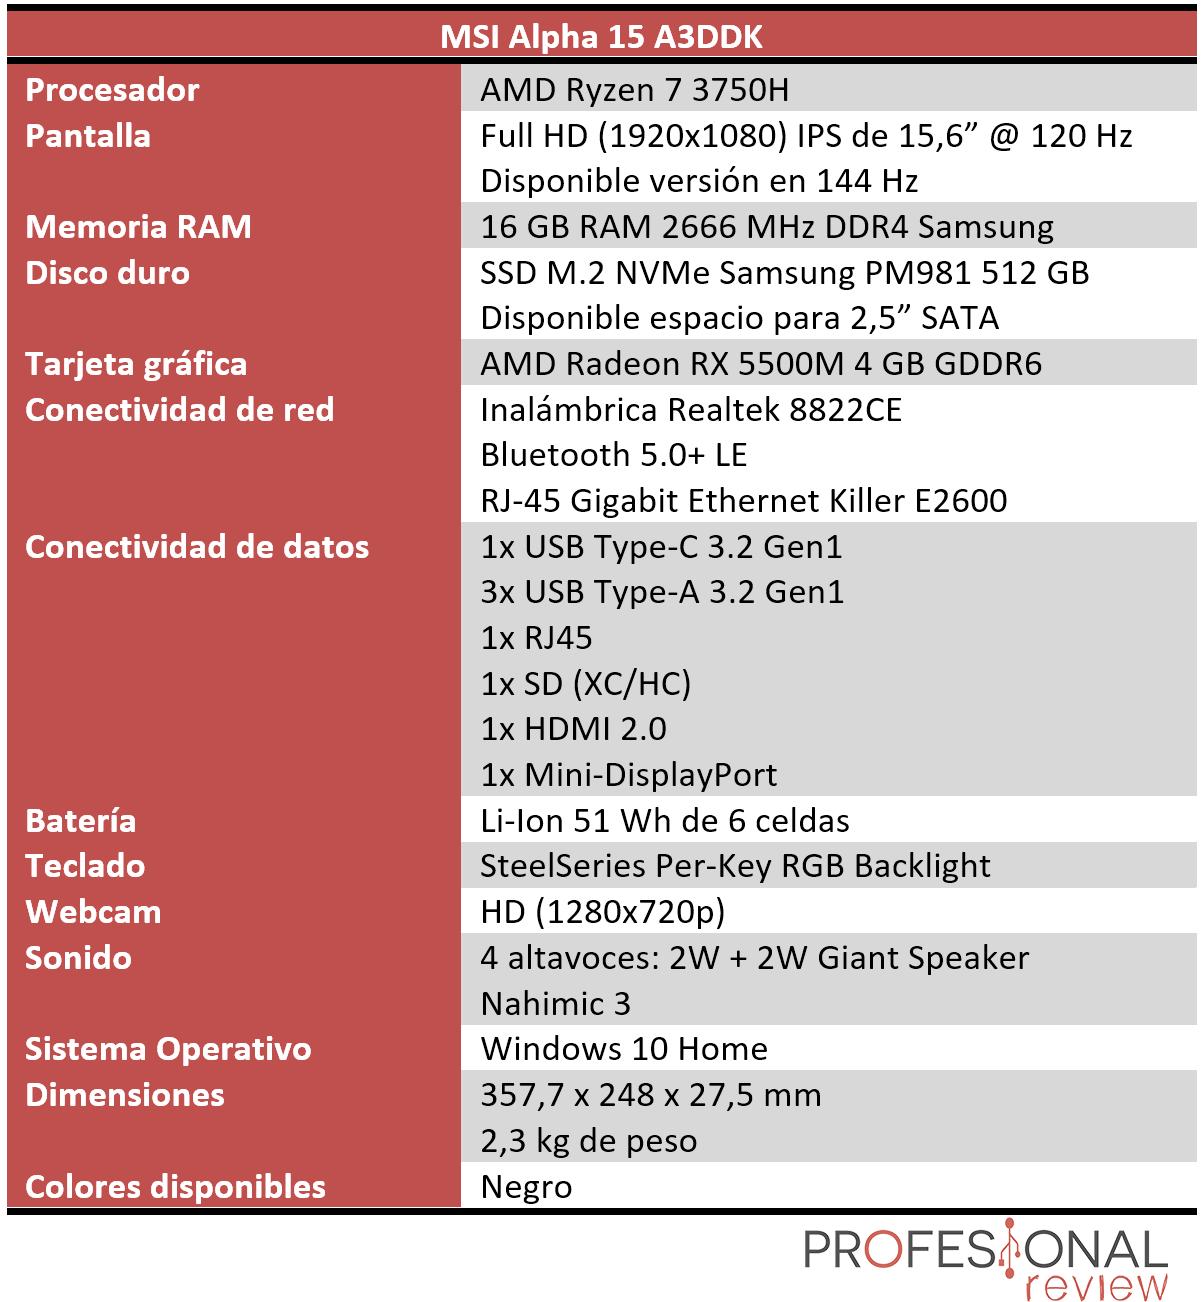 MSI Alpha 15 Características